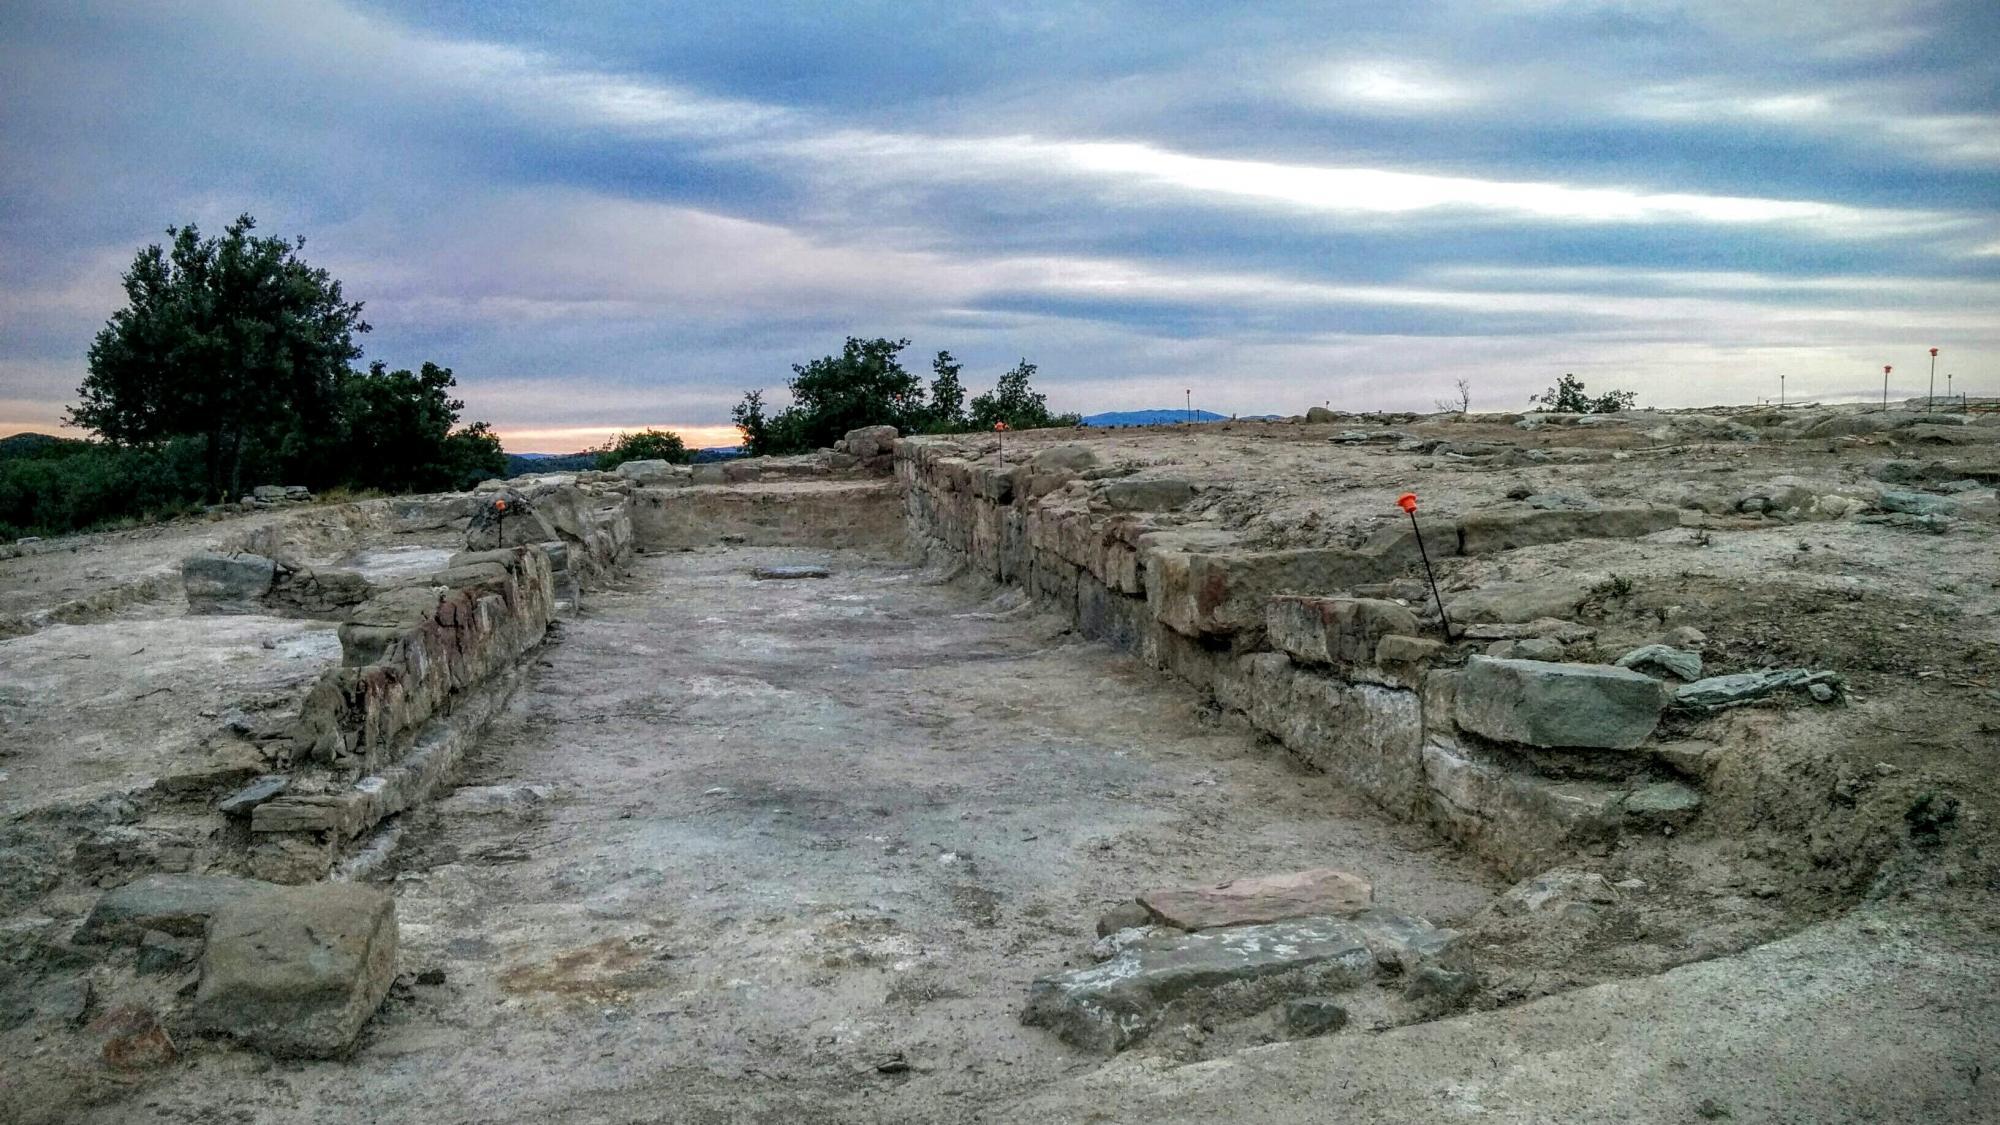 Jaciment romà de Puig Castellar